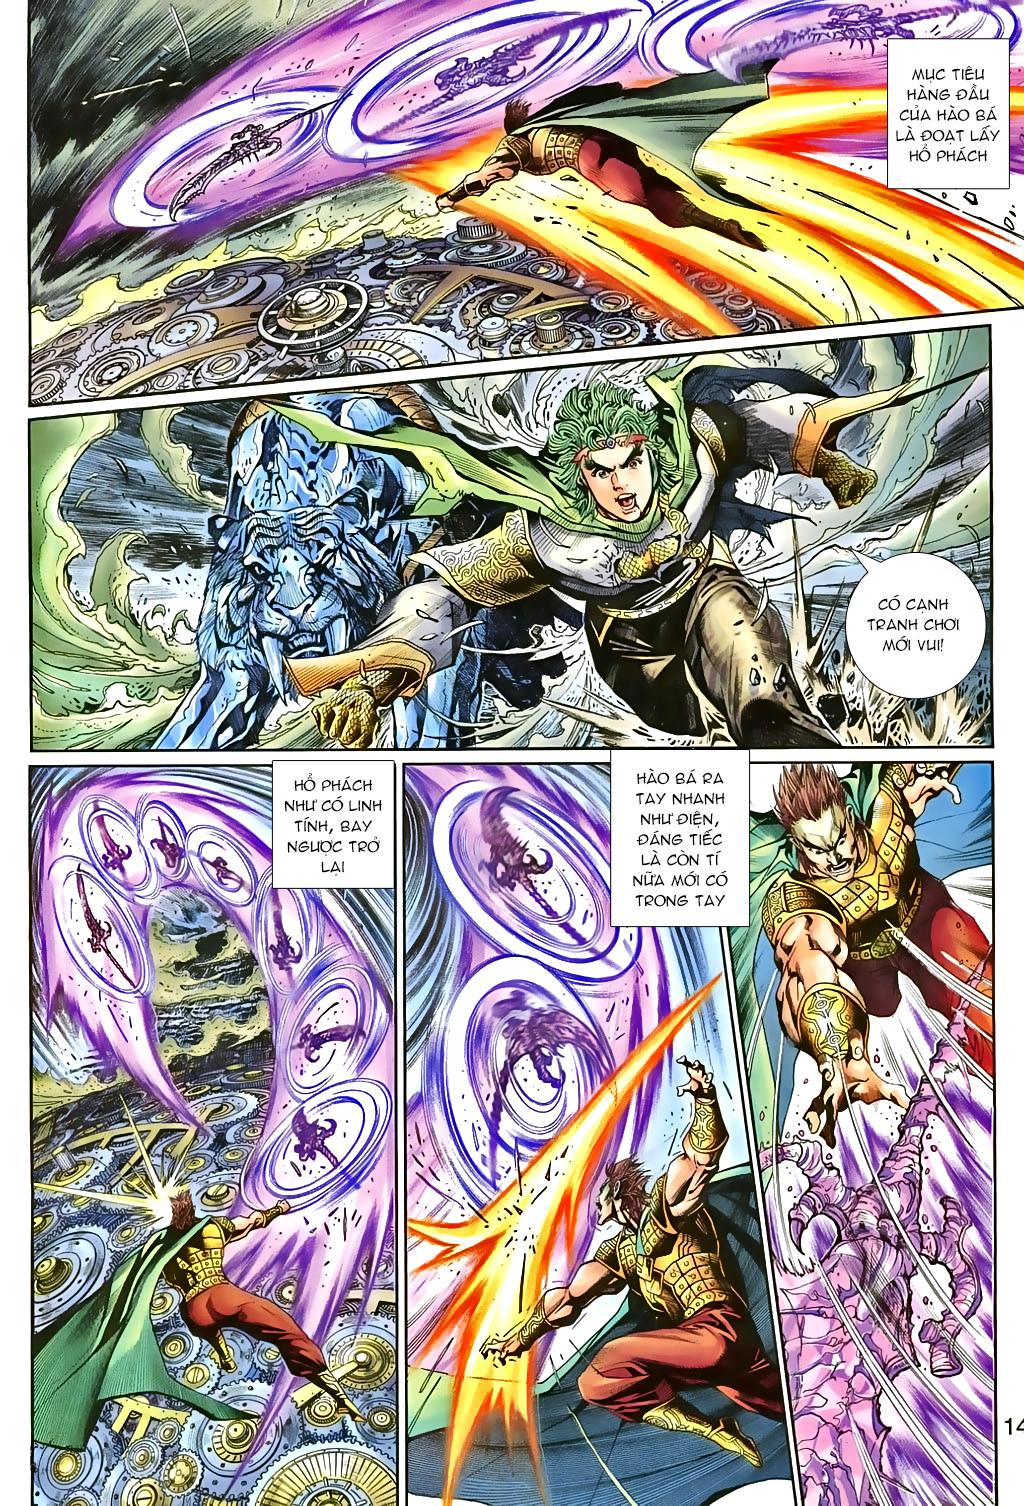 Thần binh huyền kỳ 3 - 3.5 tập 81 - 13